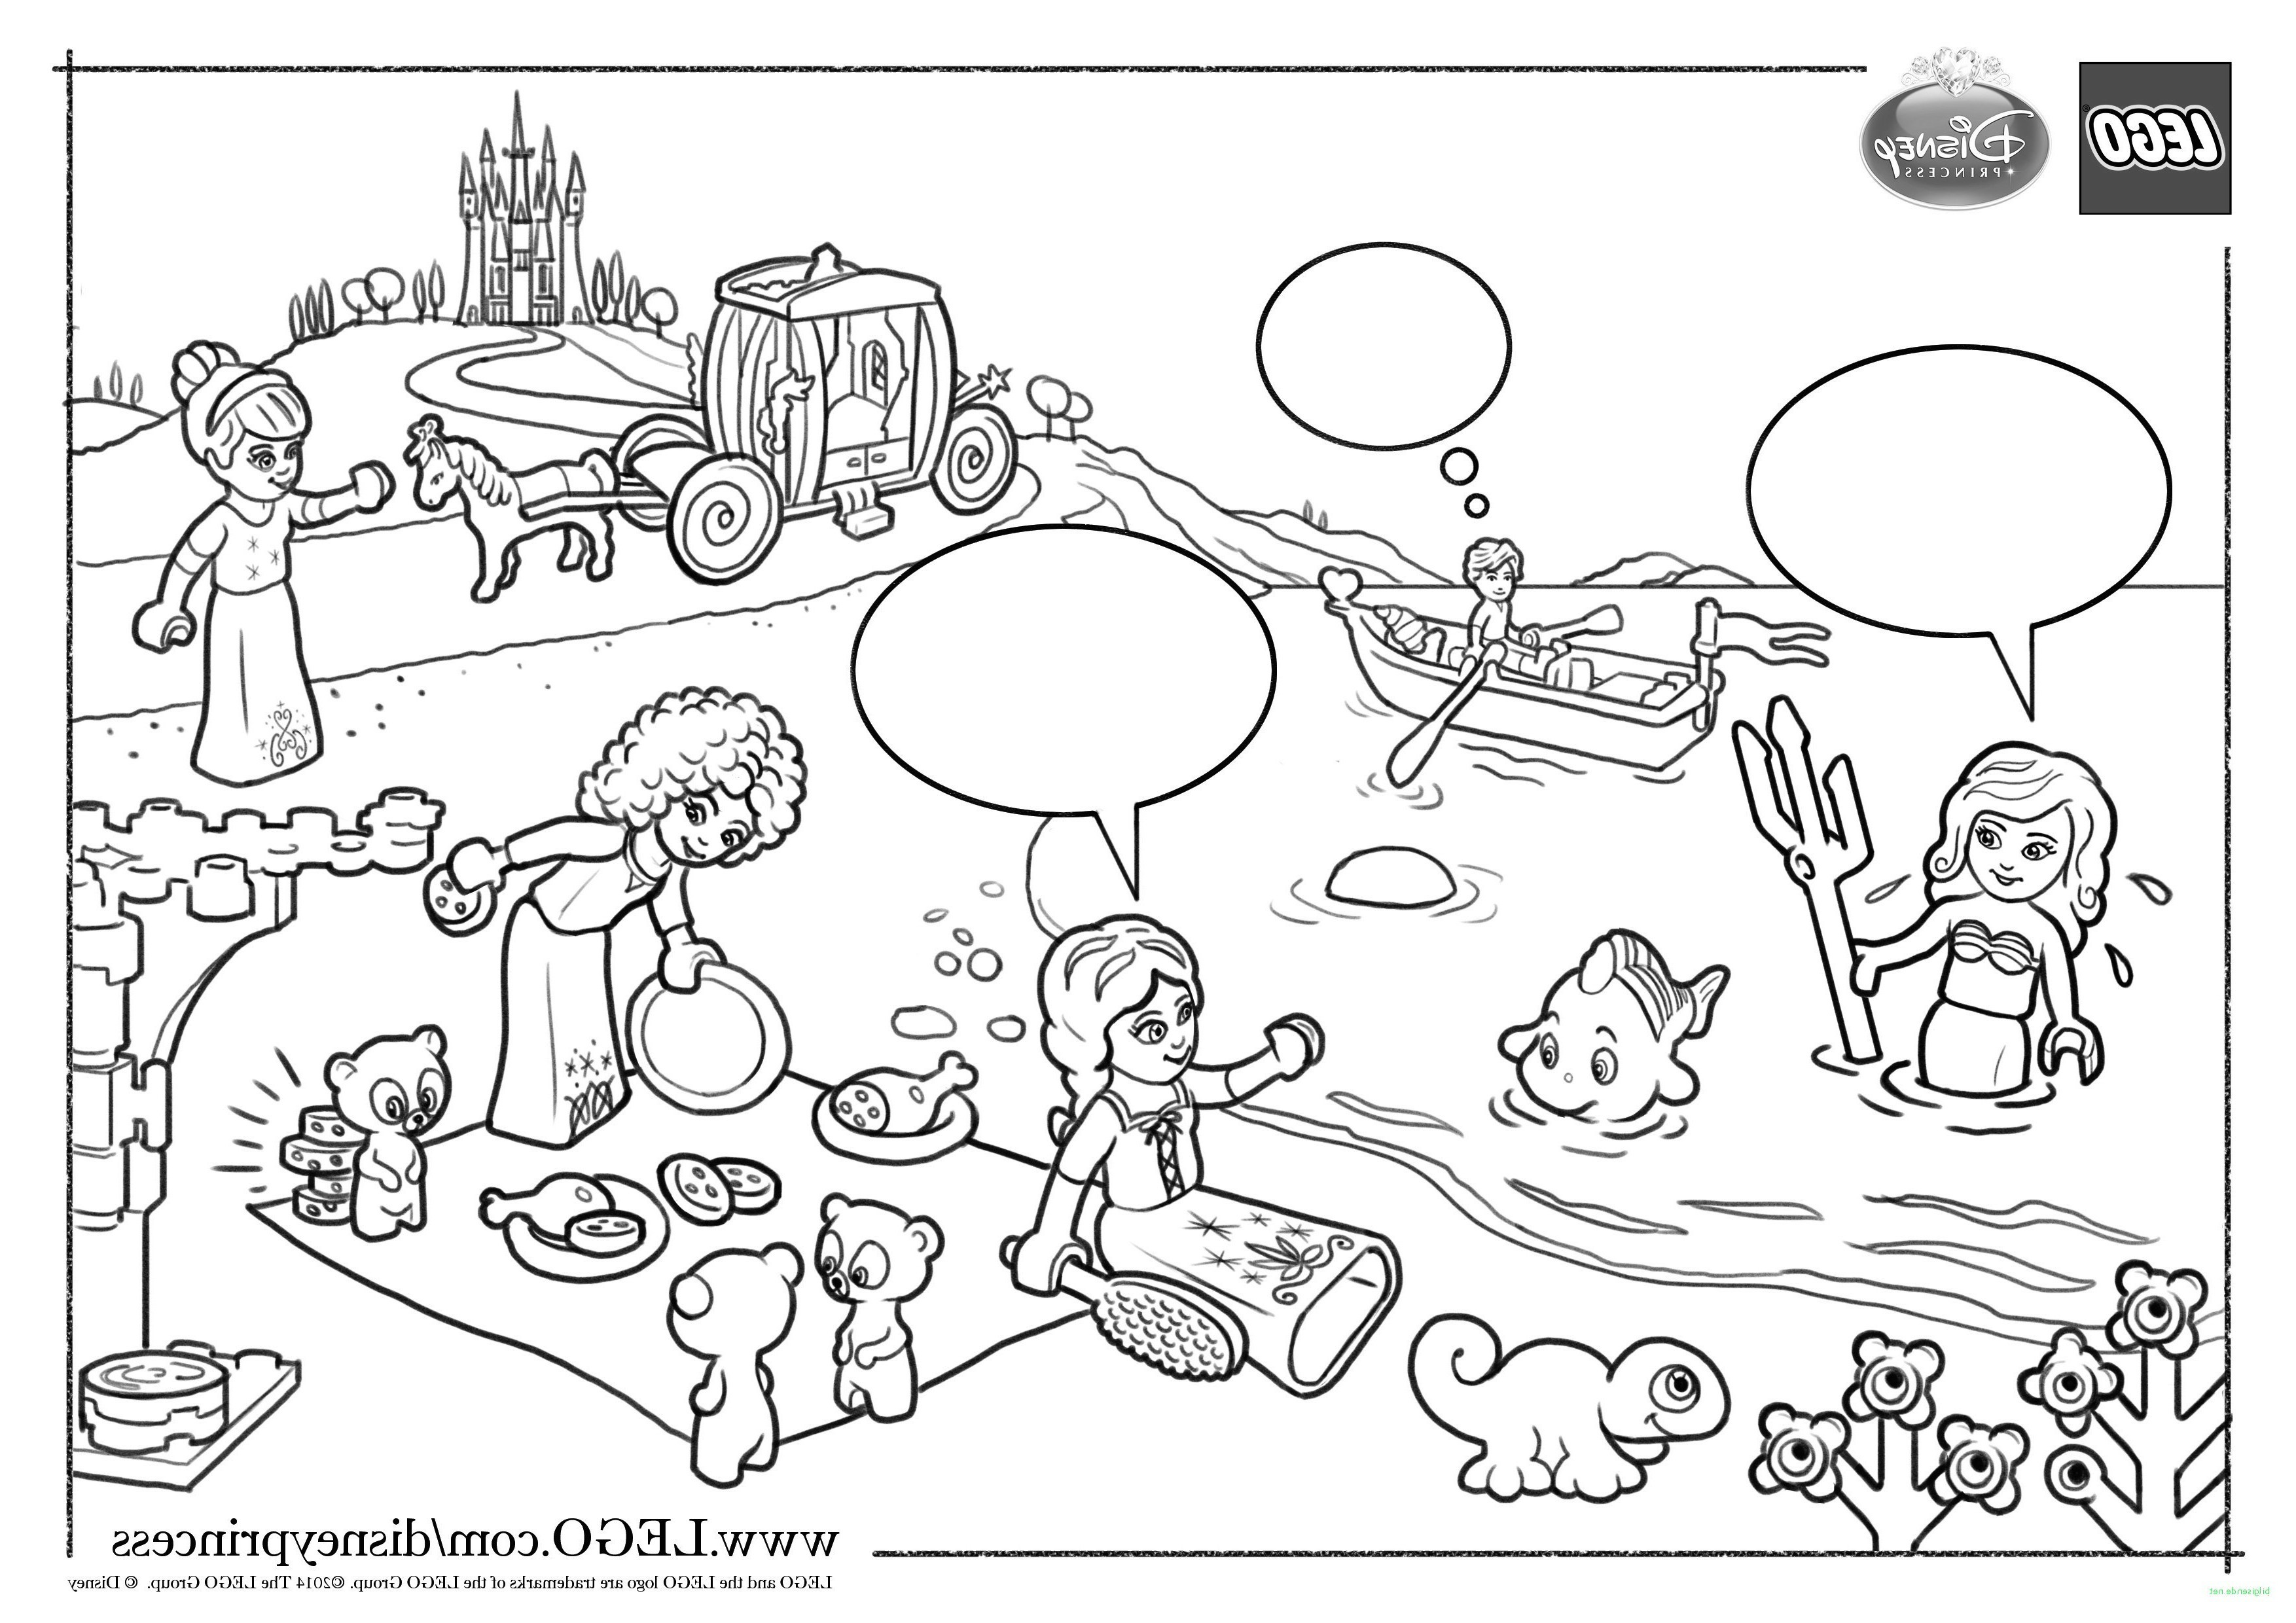 Disney Prinzessinnen Malvorlagen Frisch 35 Neu Malvorlage Baum – Malvorlagen Ideen Galerie